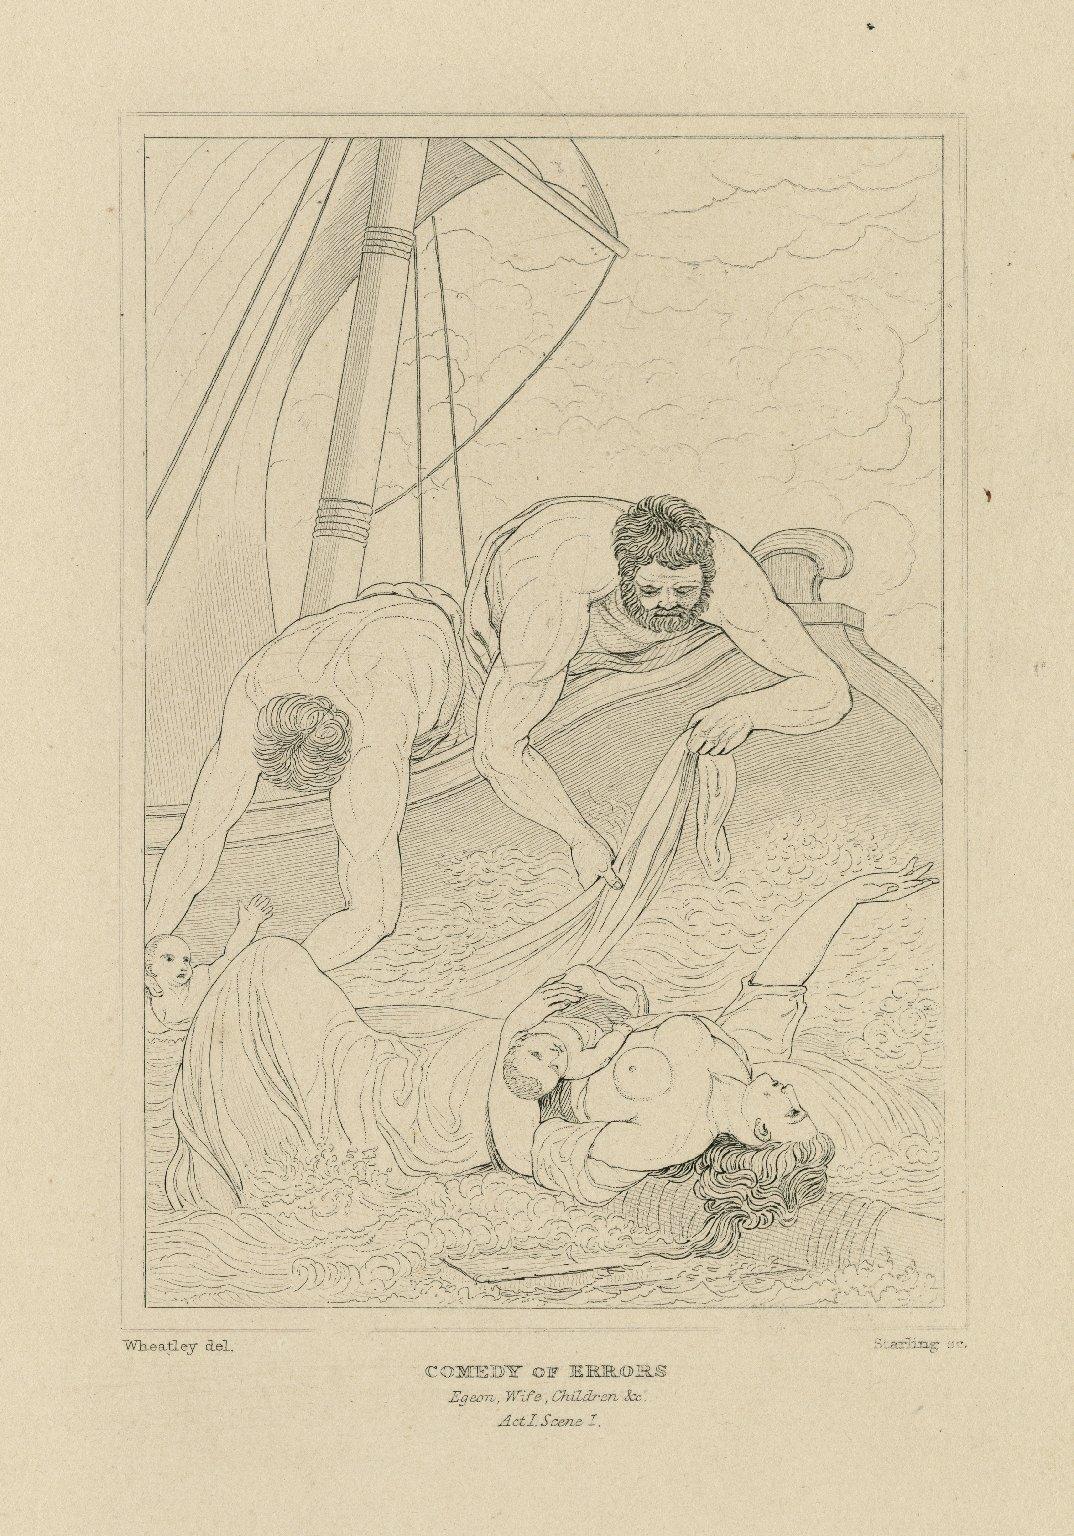 Comedy of errors, Egeon, Wife, Children &c., act I, scene 1 [graphic] / Wheatley del. ; Starling sc.